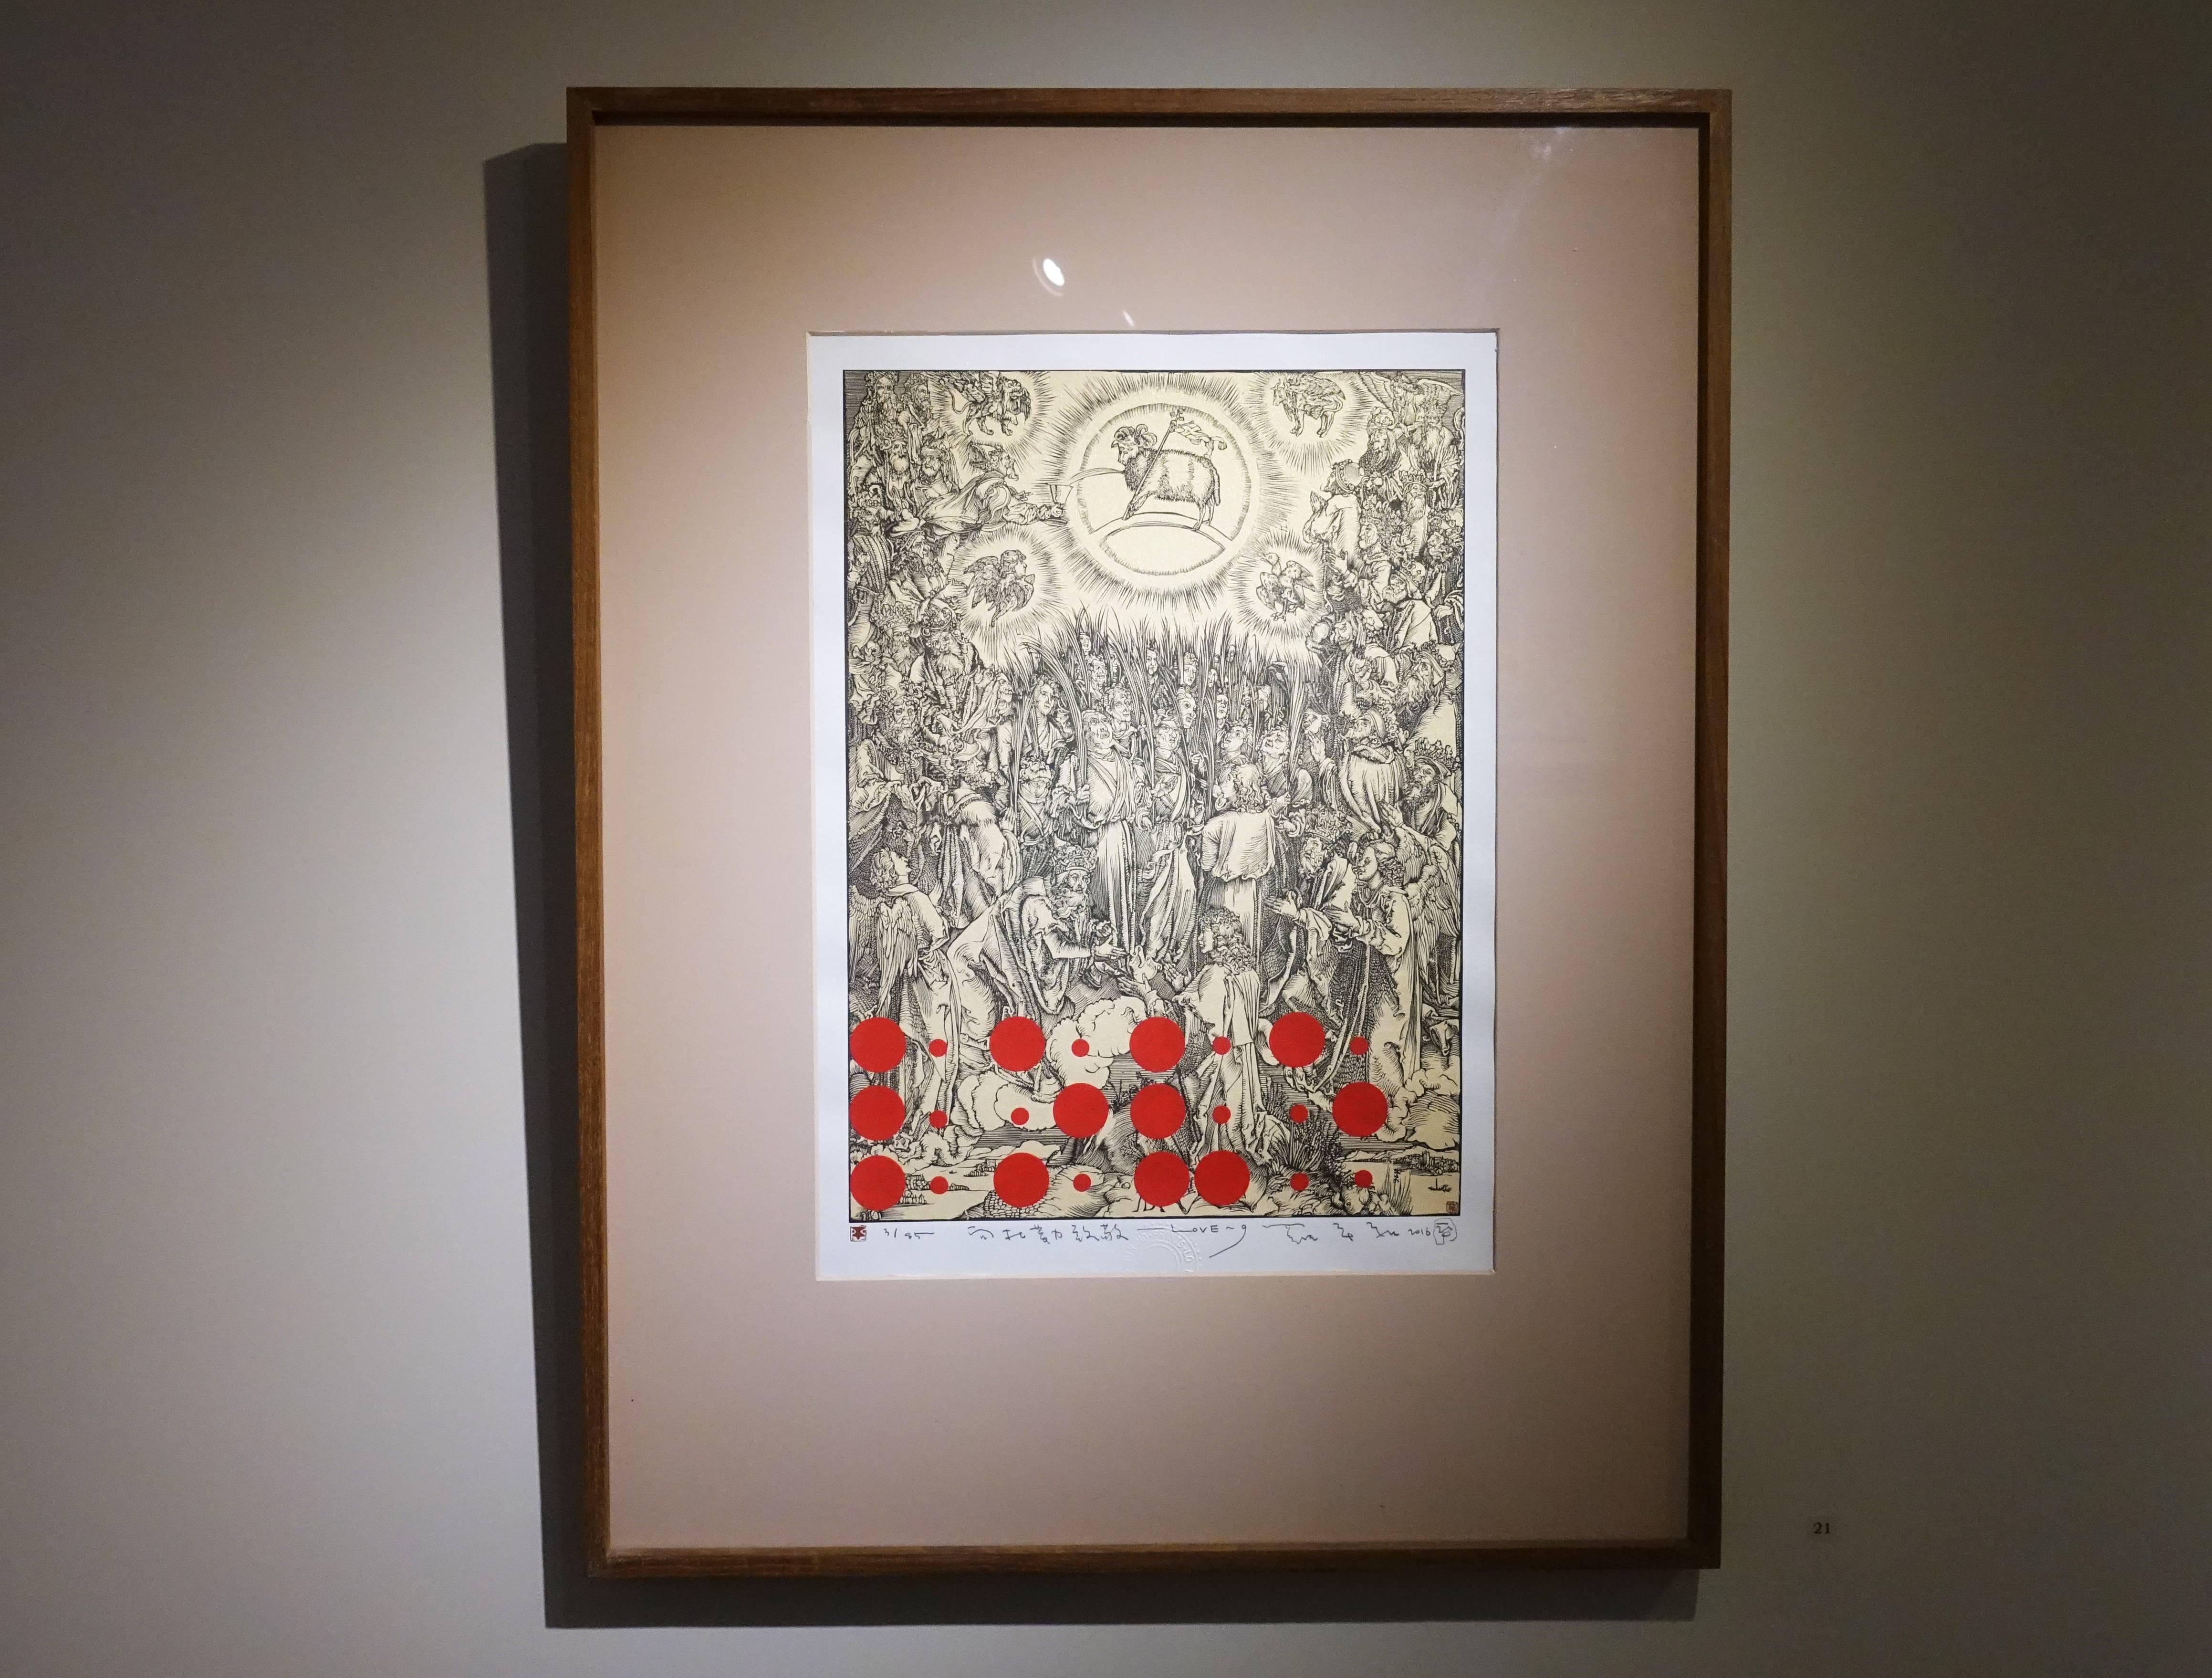 林昌德,《盧舍那》,40 x 29 cm,7/20,美柔汀、鋅版,2009。